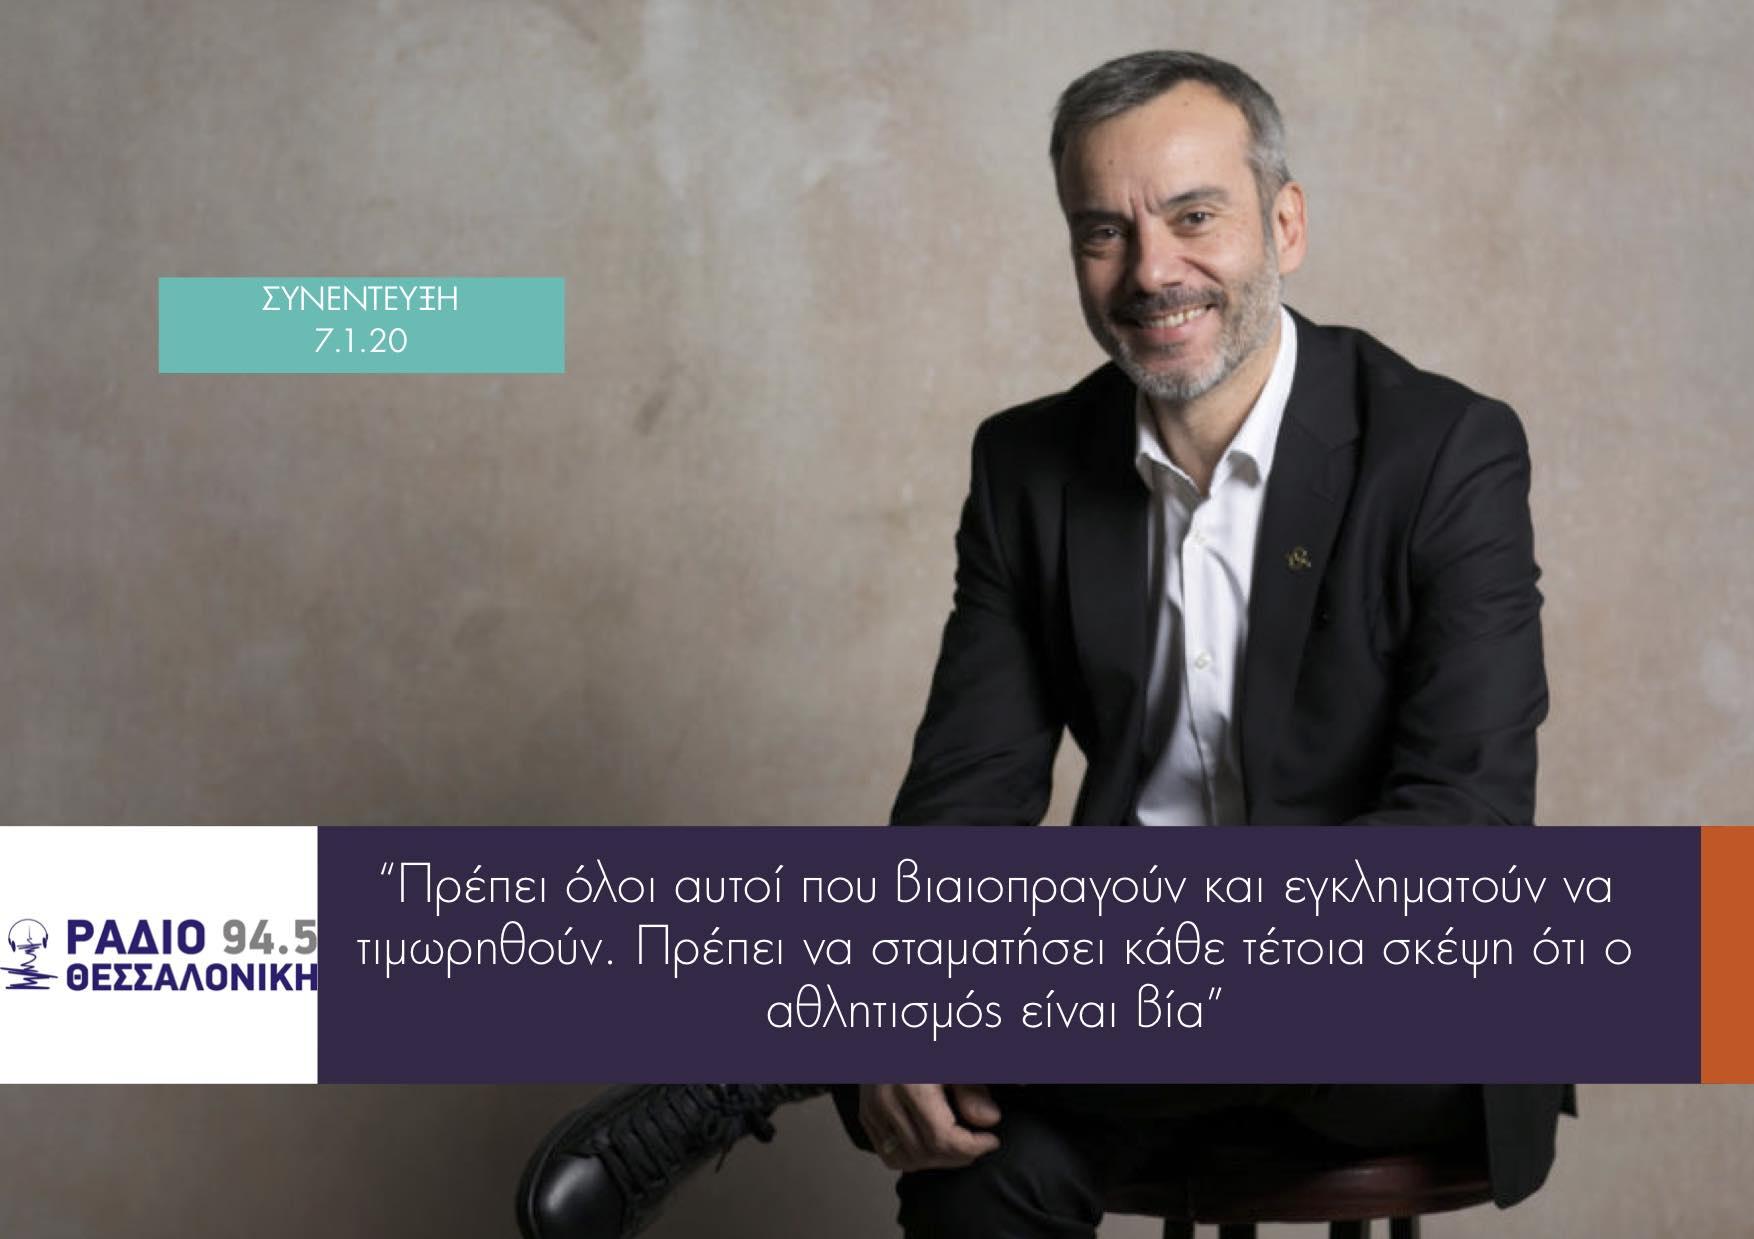 Συνέντευξη στο Ράδιο Θεσσαλονίκη 94.5